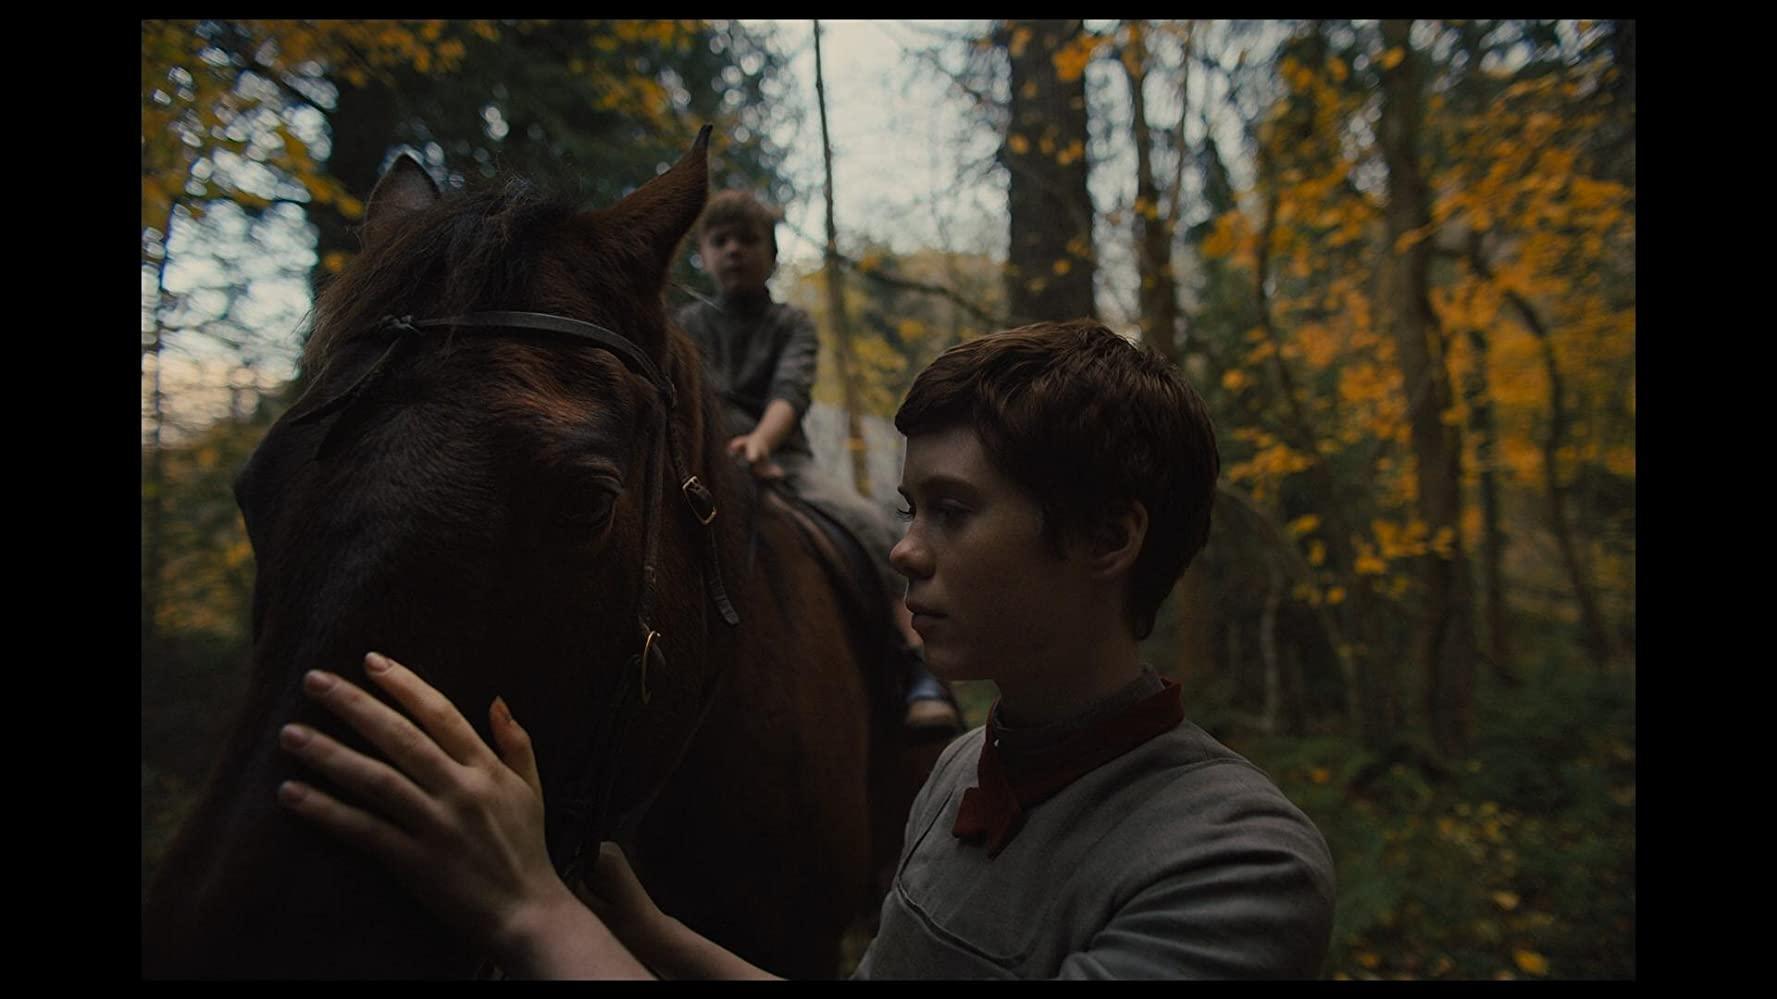 مشاهدة فيلم Gretel and Hansel (2020) مترجم HD اون لاين